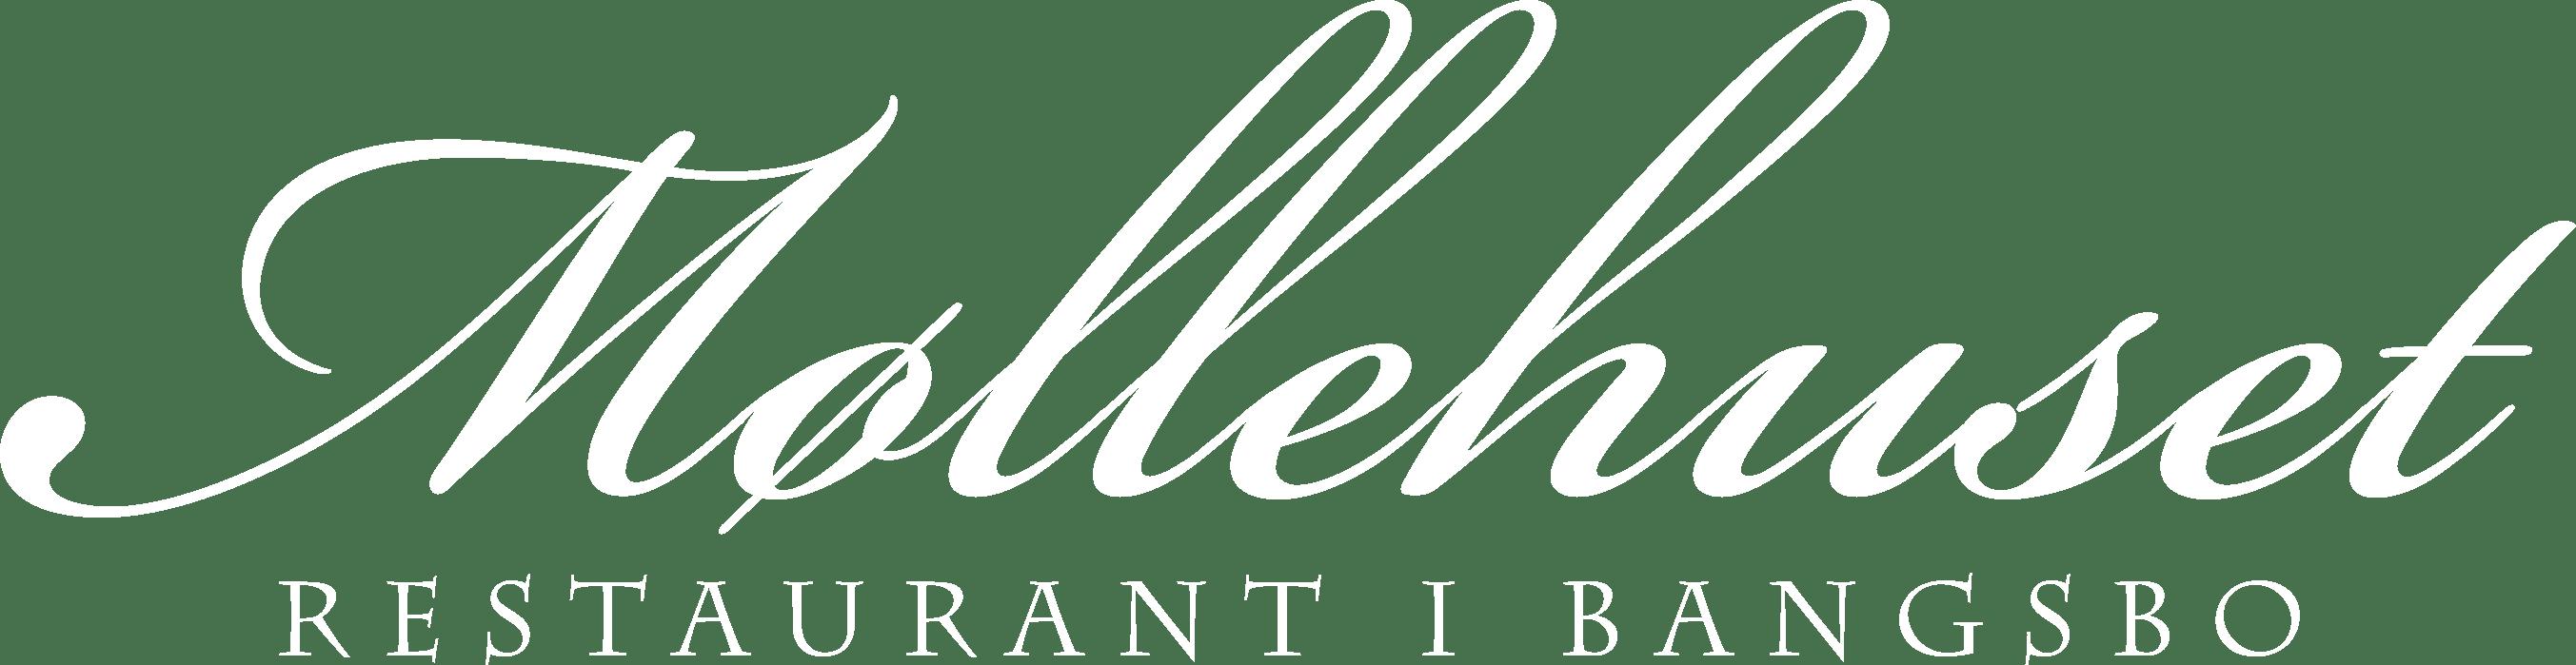 Møllehuset logo